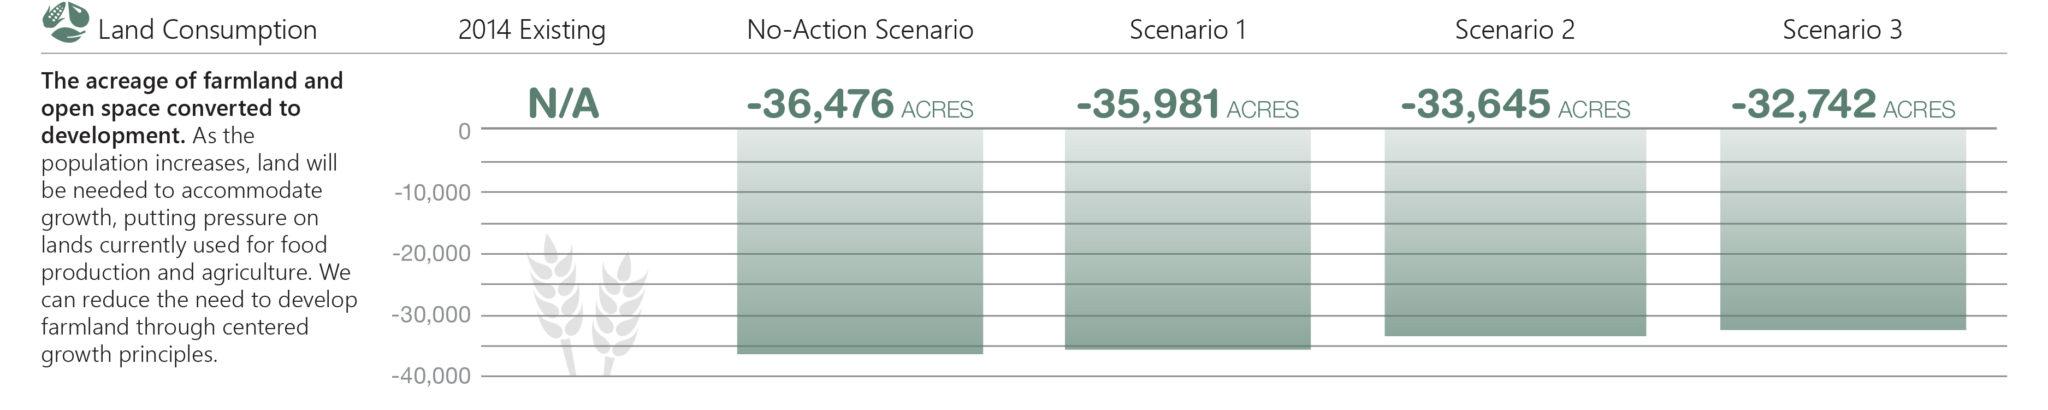 Land consumption performance measure.